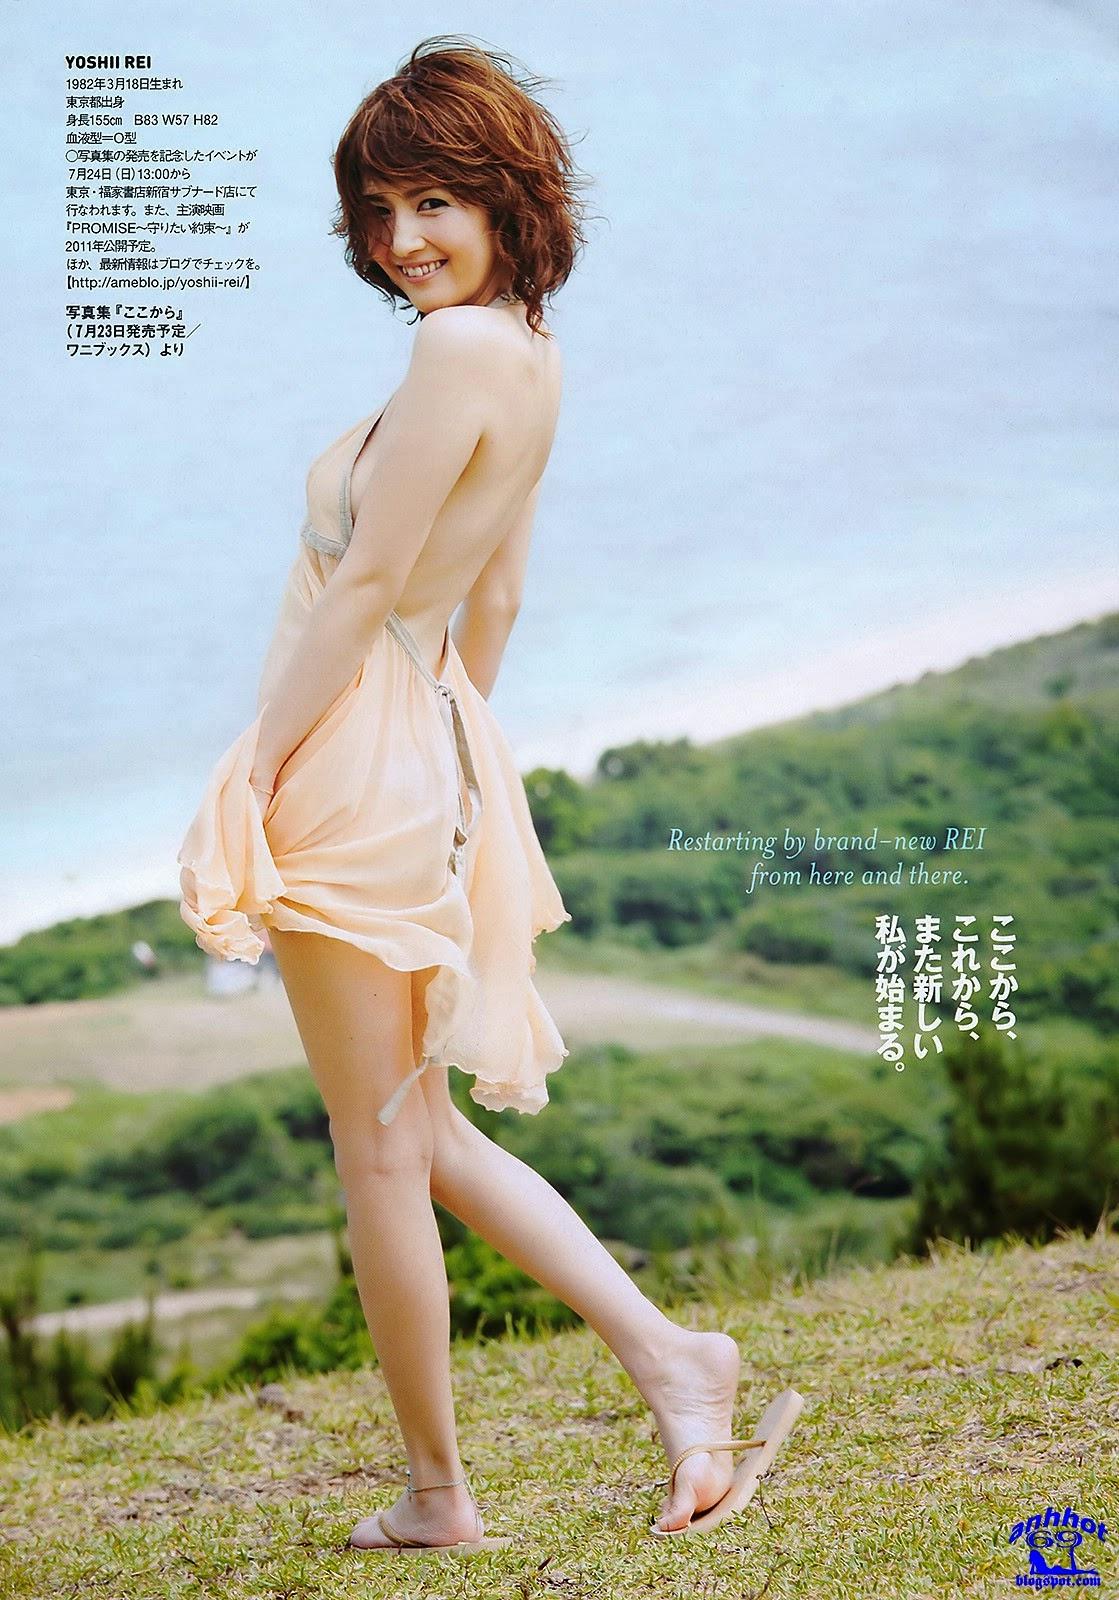 rei-yoshii-01322137